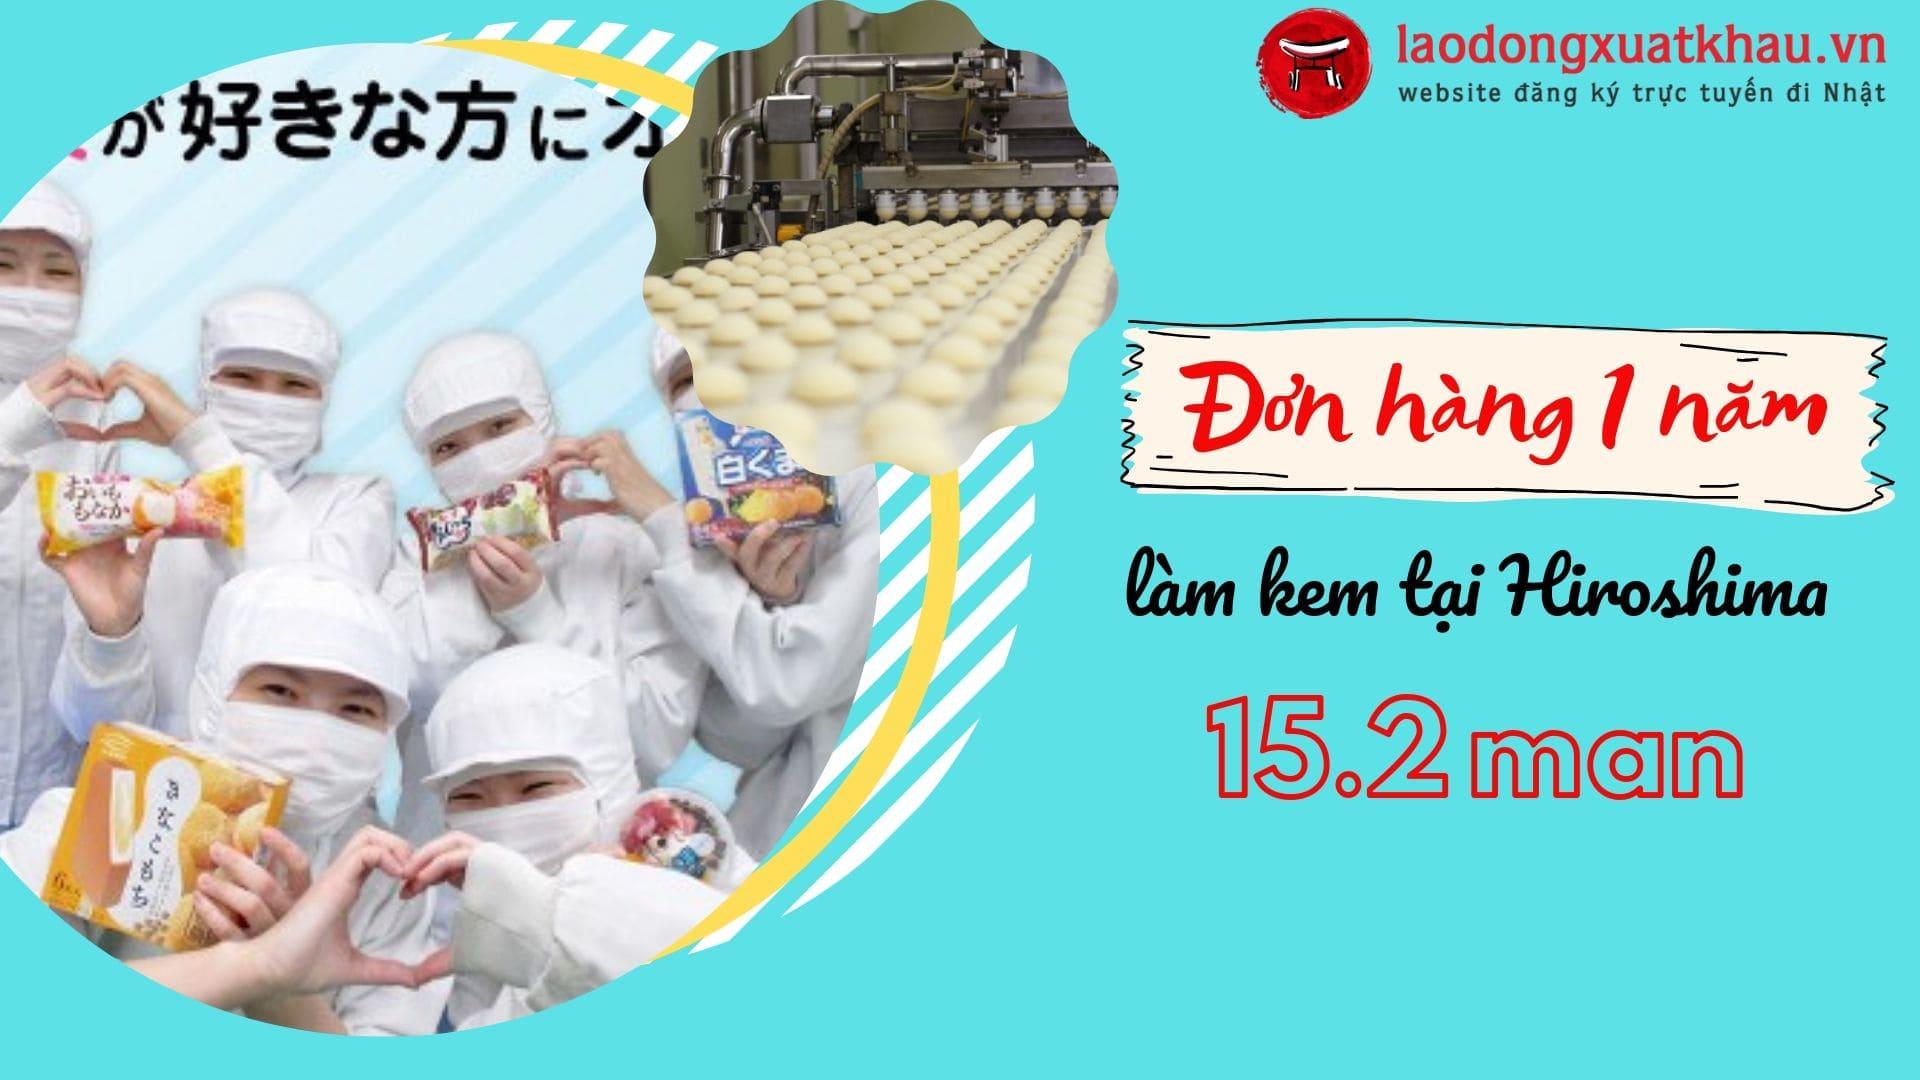 Đơn hàng 1 năm làm kem tại Hiroshima LƯƠNG CAO - cơ hội cho 20 nam/nữ